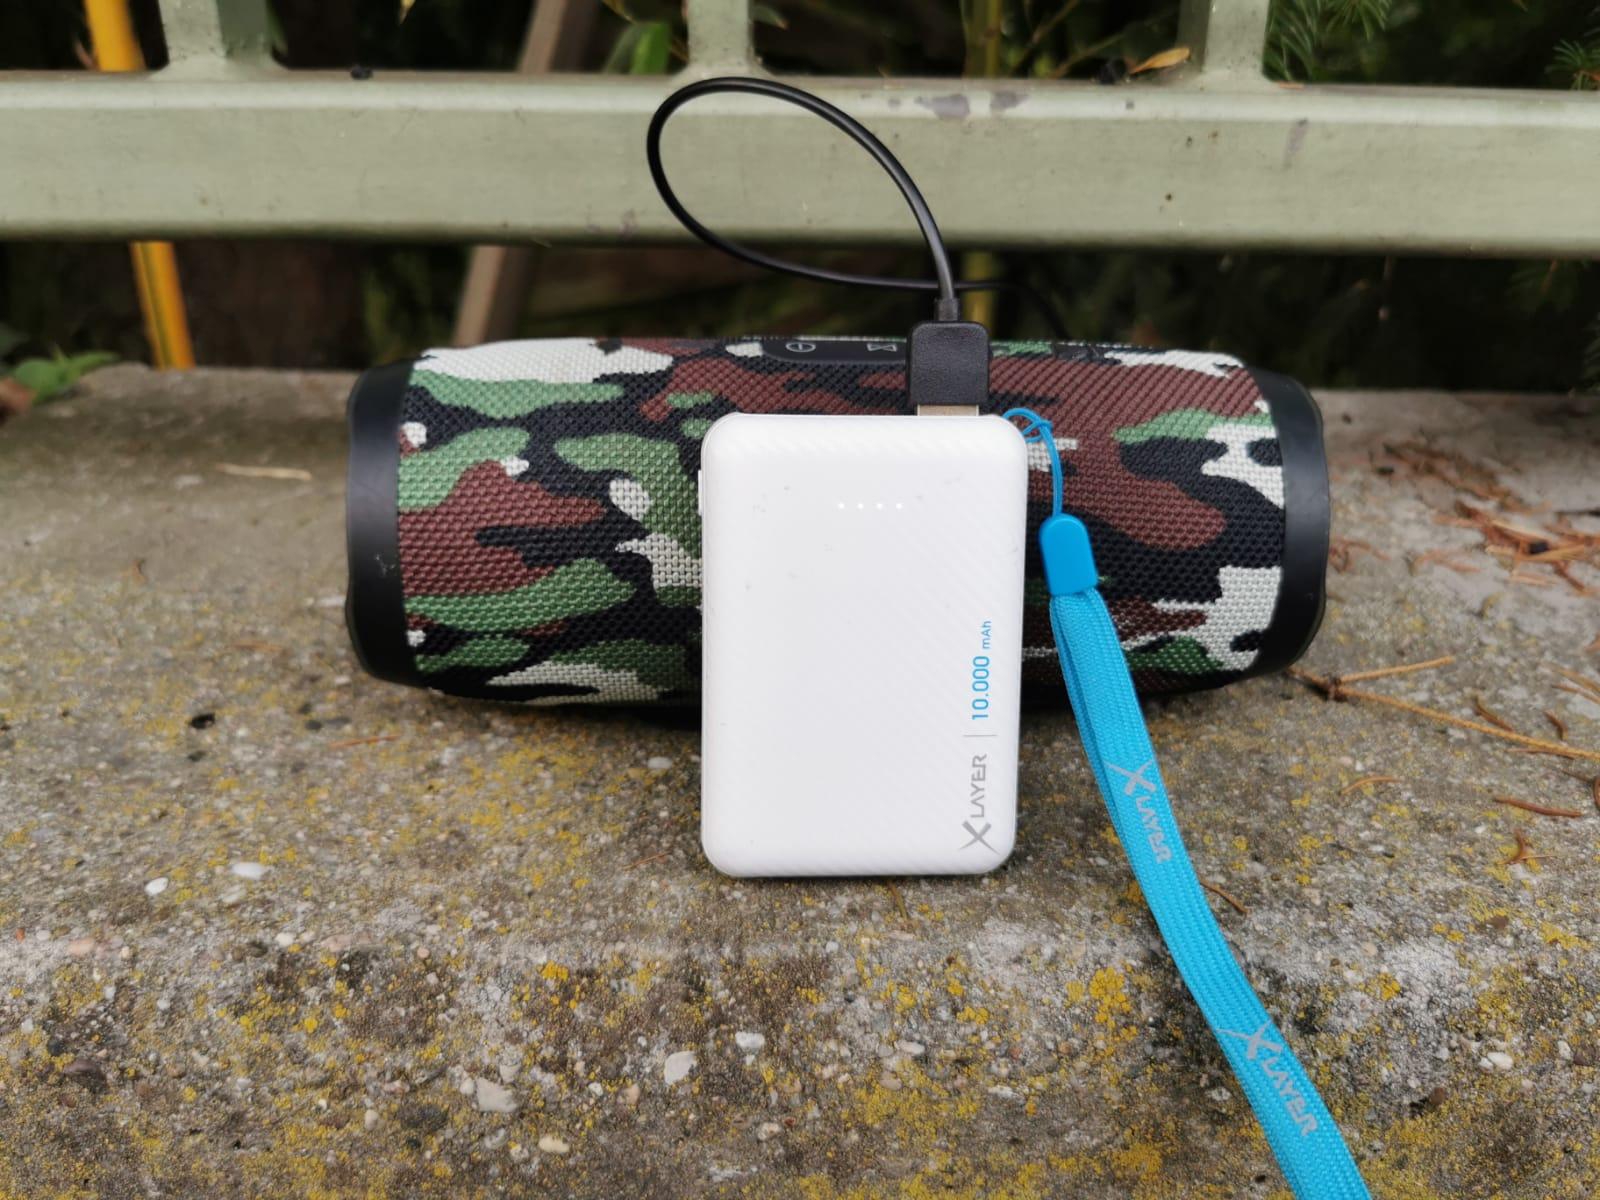 XLAYER Powerbank Micro Carbon White 10000mAh